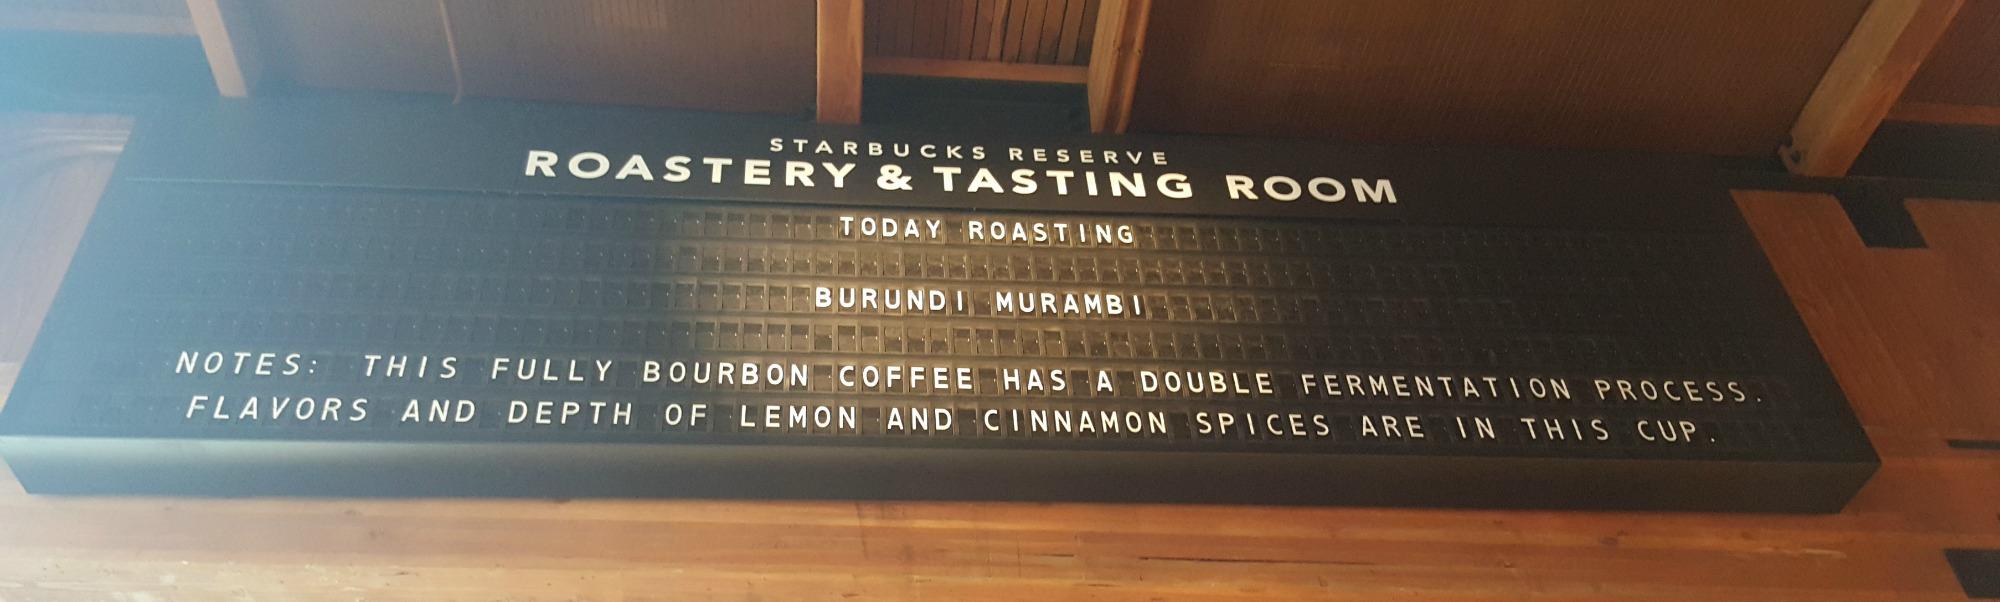 1 - 1 - 20160109_085751[1] Burundi Murambi.jpg